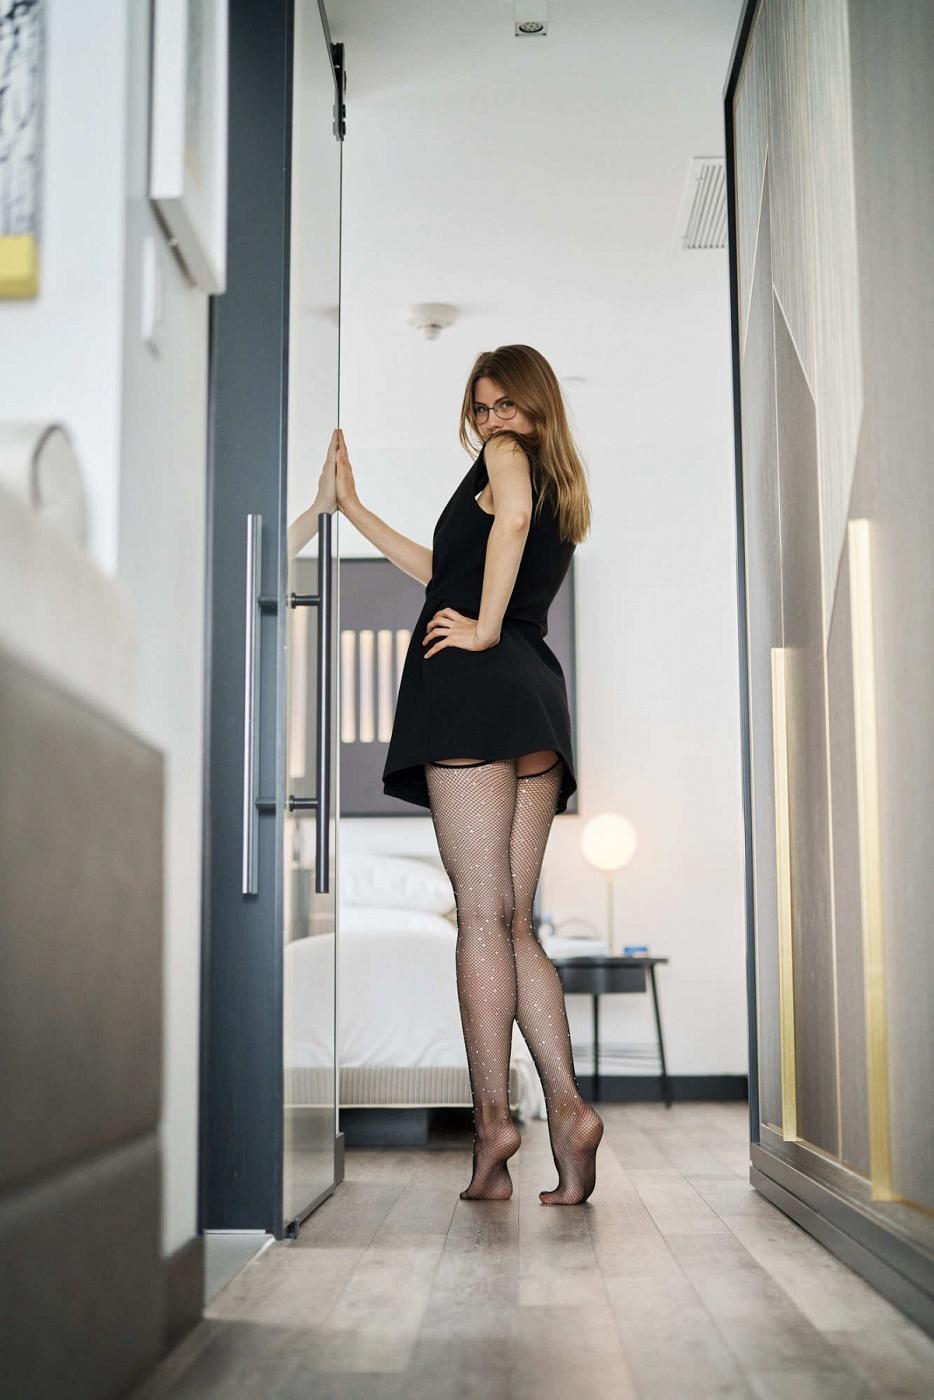 Julia Laas